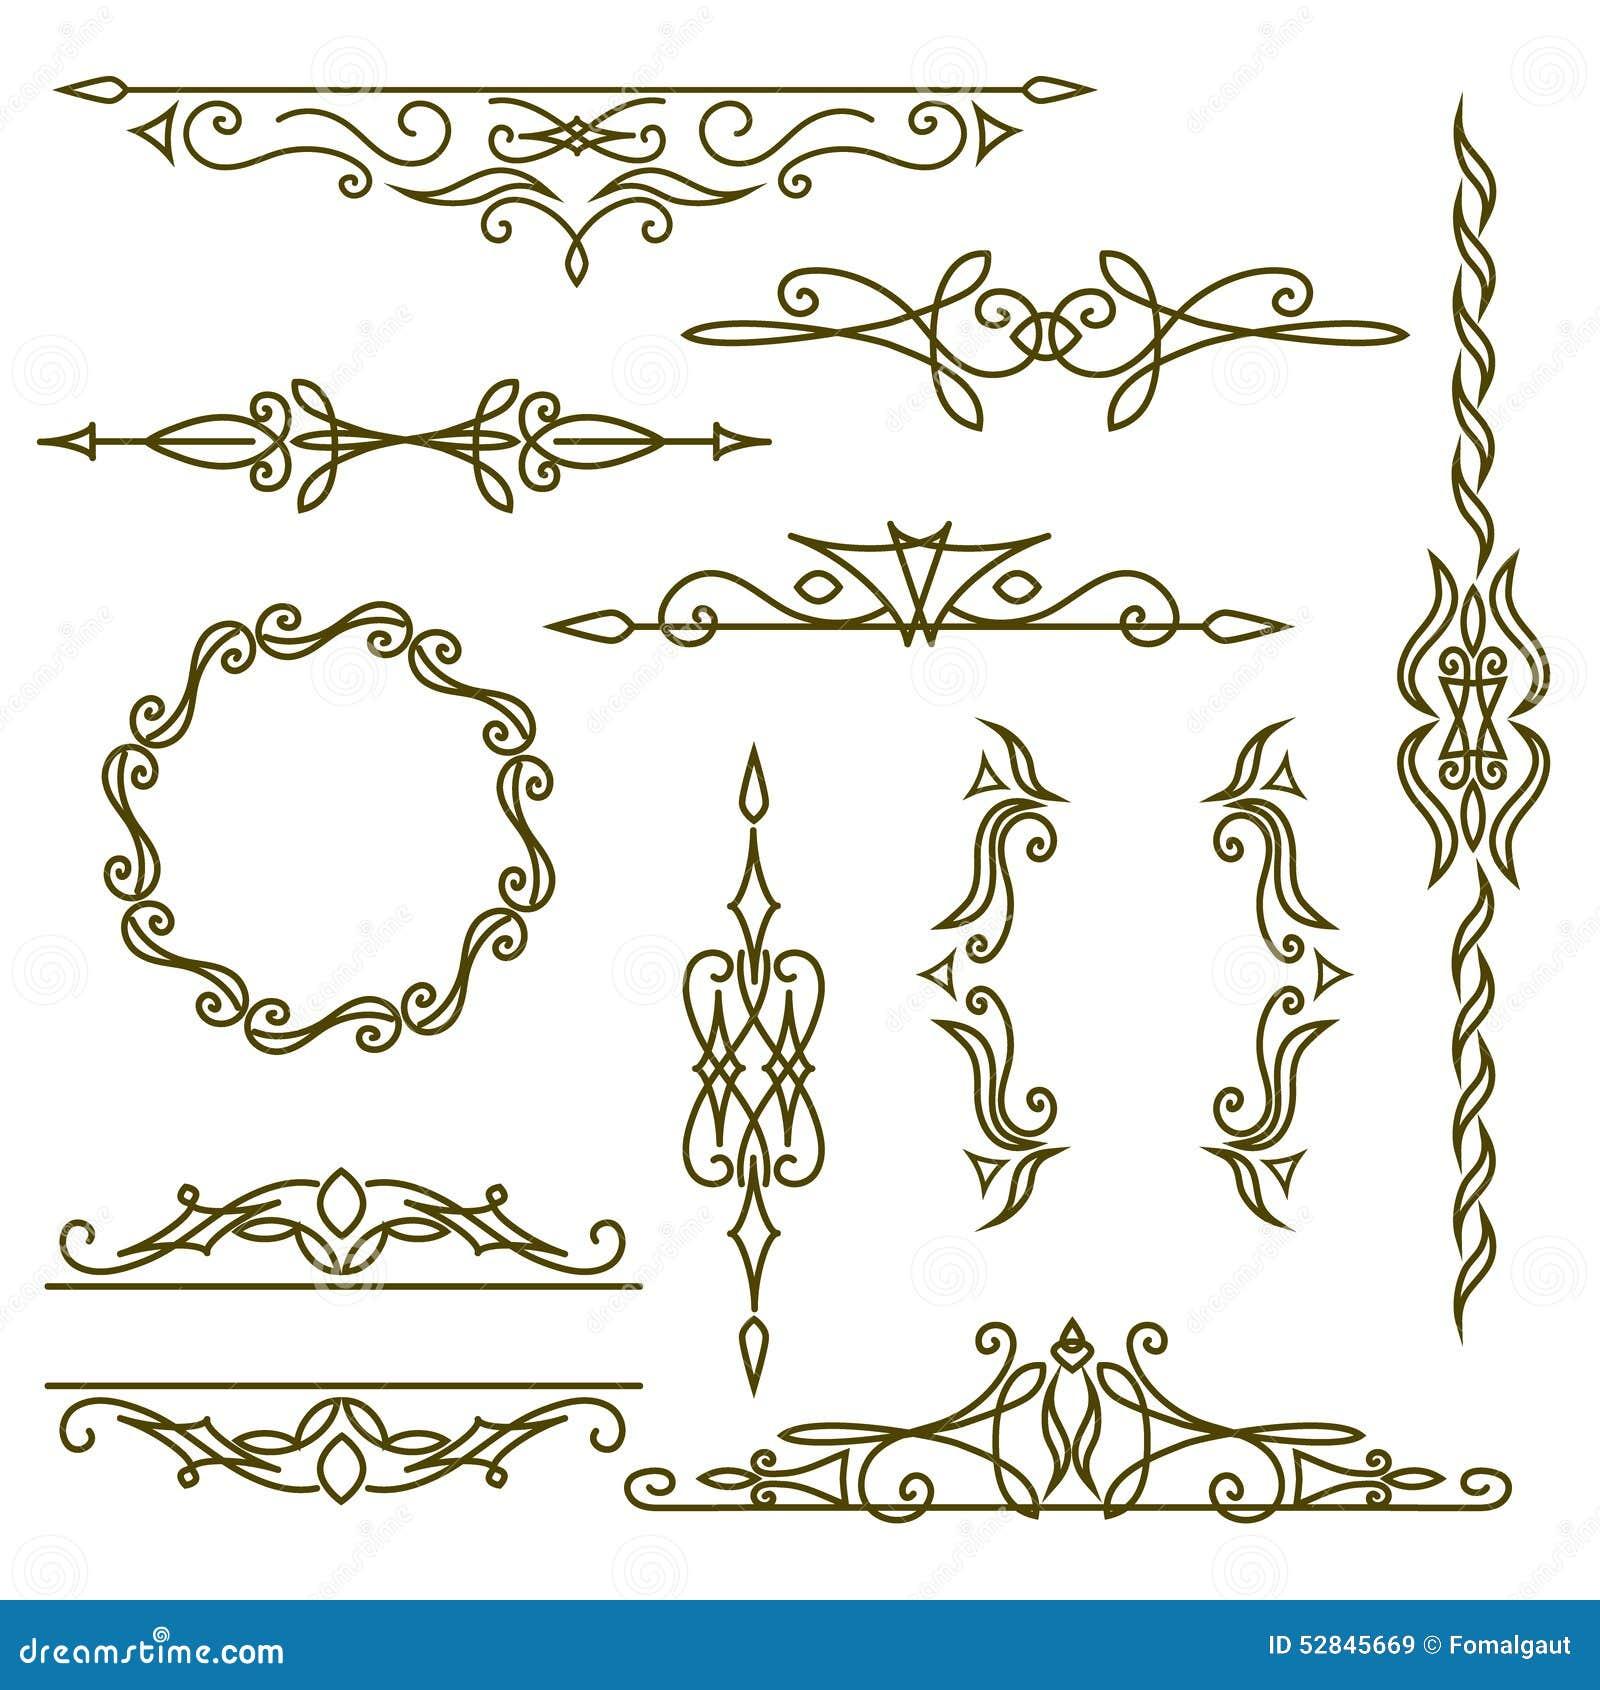 Элементы дизайна вензеля, грациозно шаблон Элегантная линия дизайн, рамки и границы логотипа искусства также вектор иллюстрации п